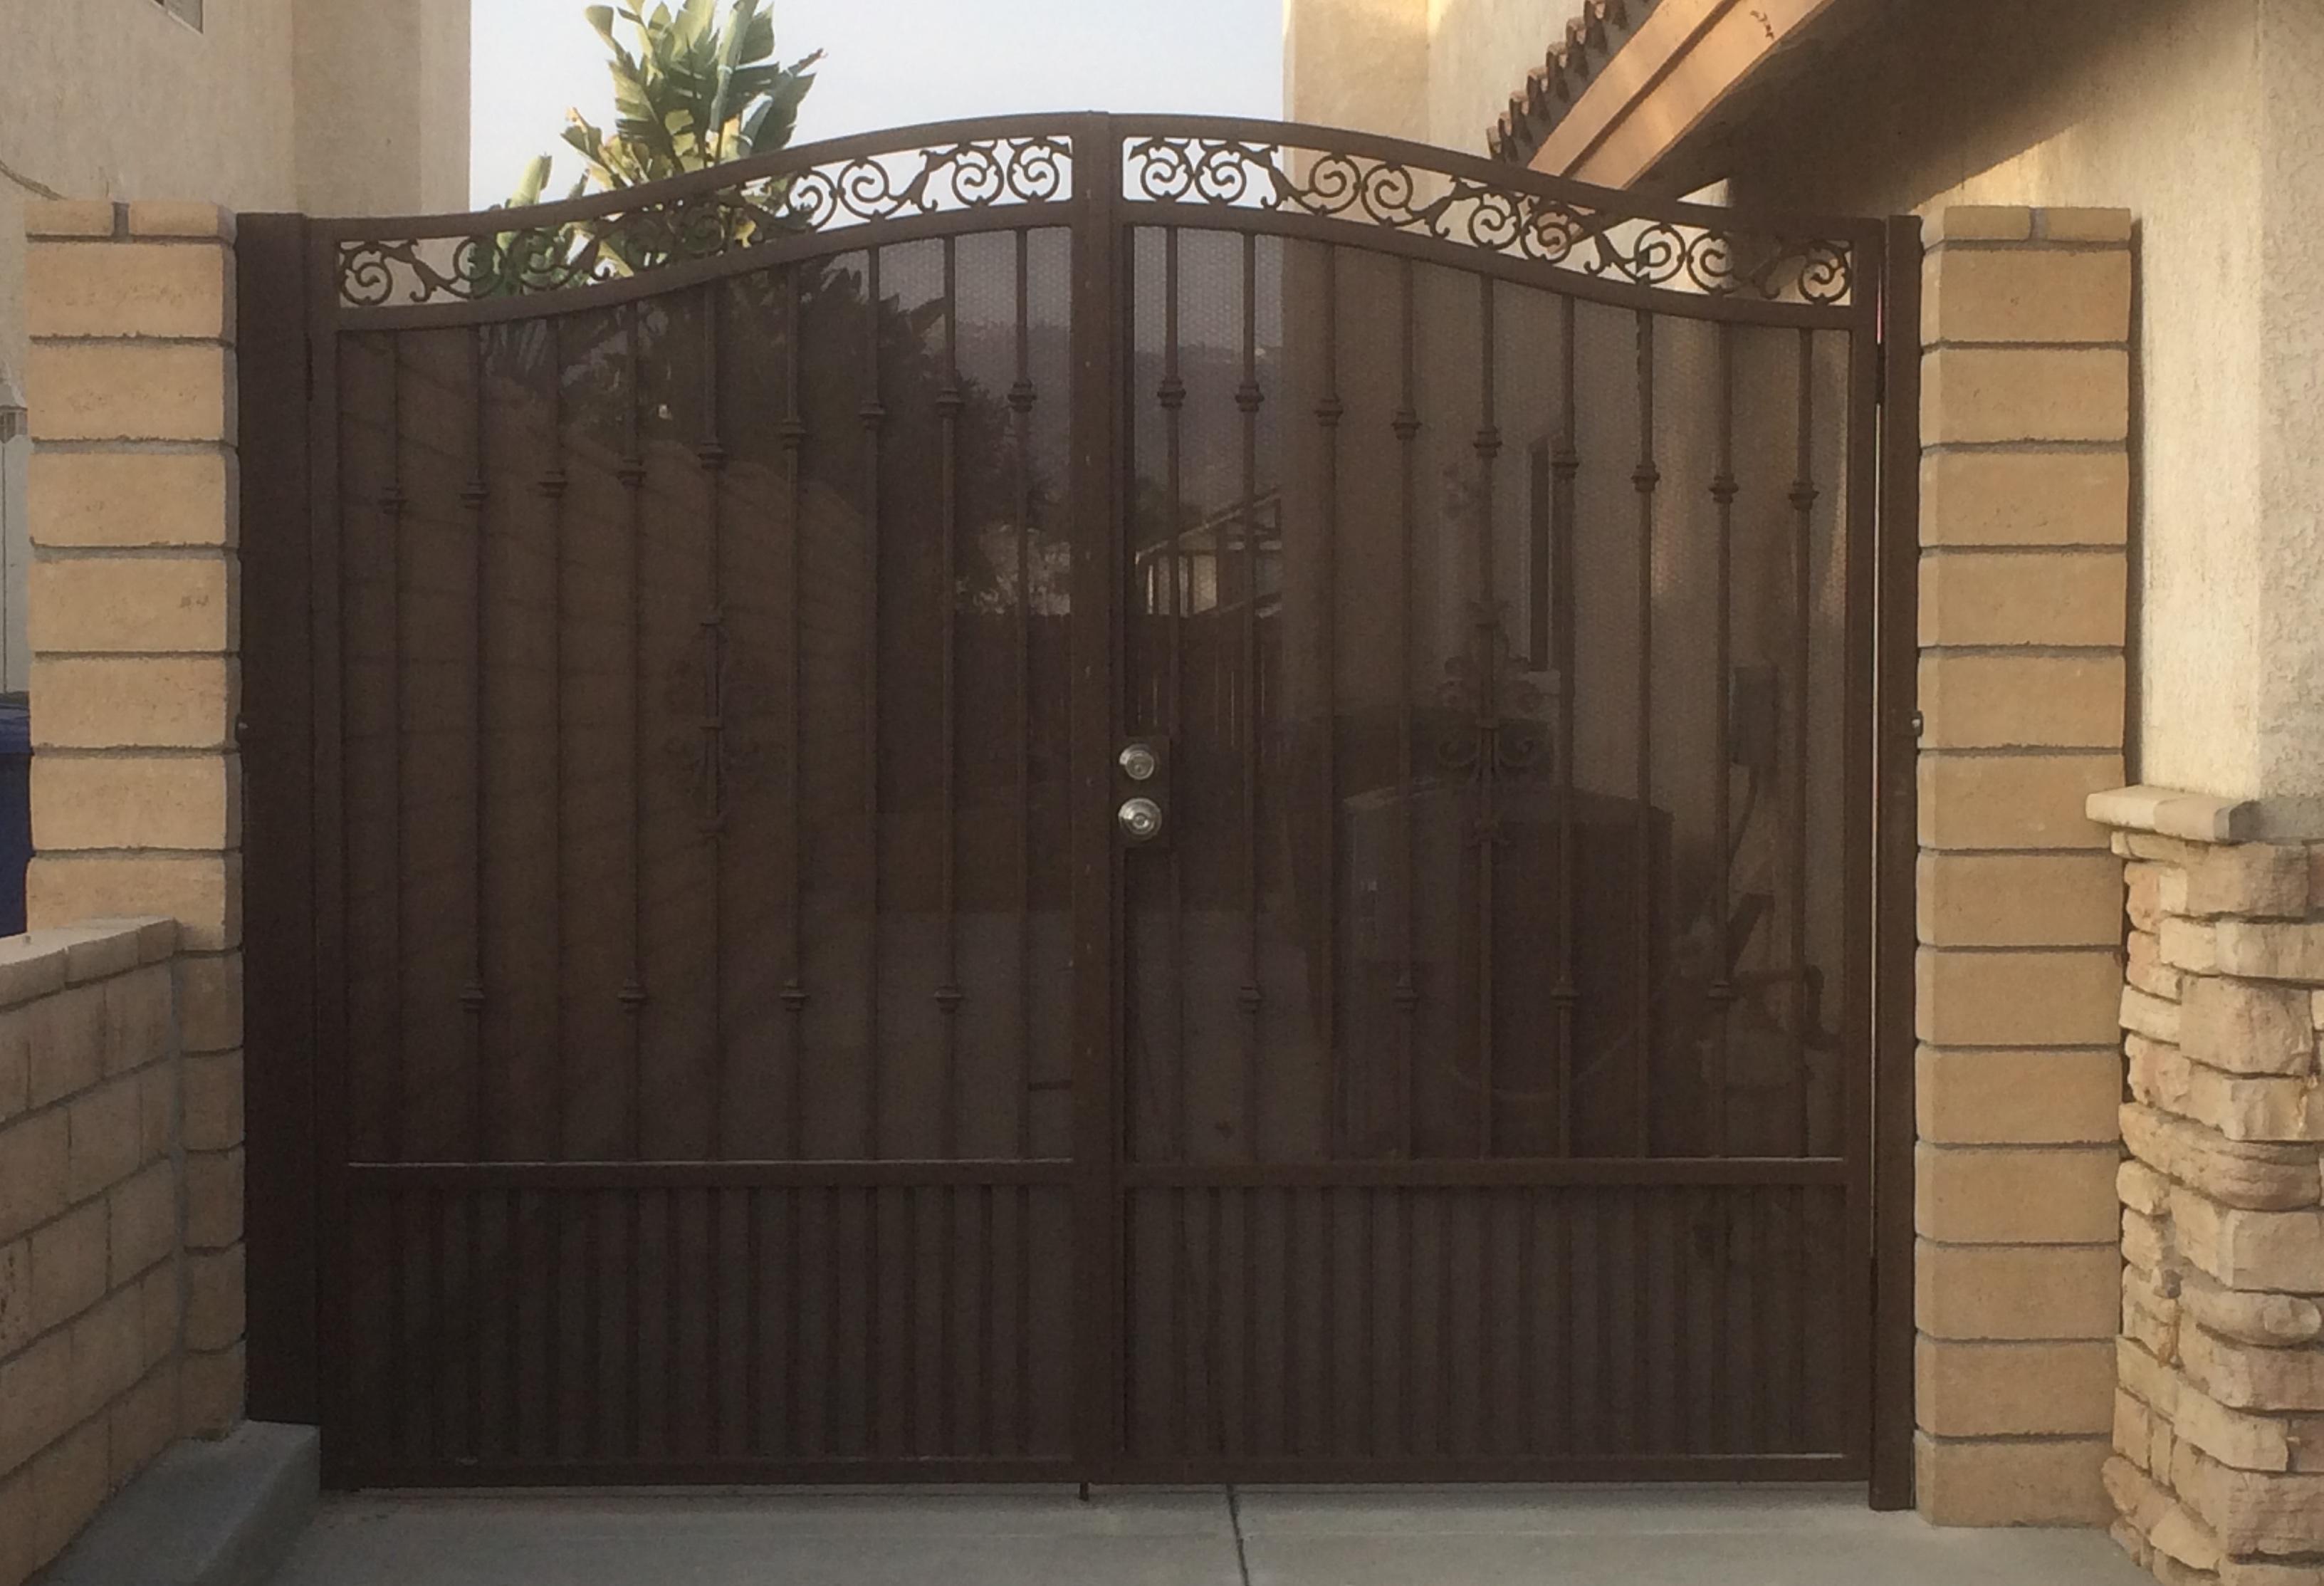 Gate #13